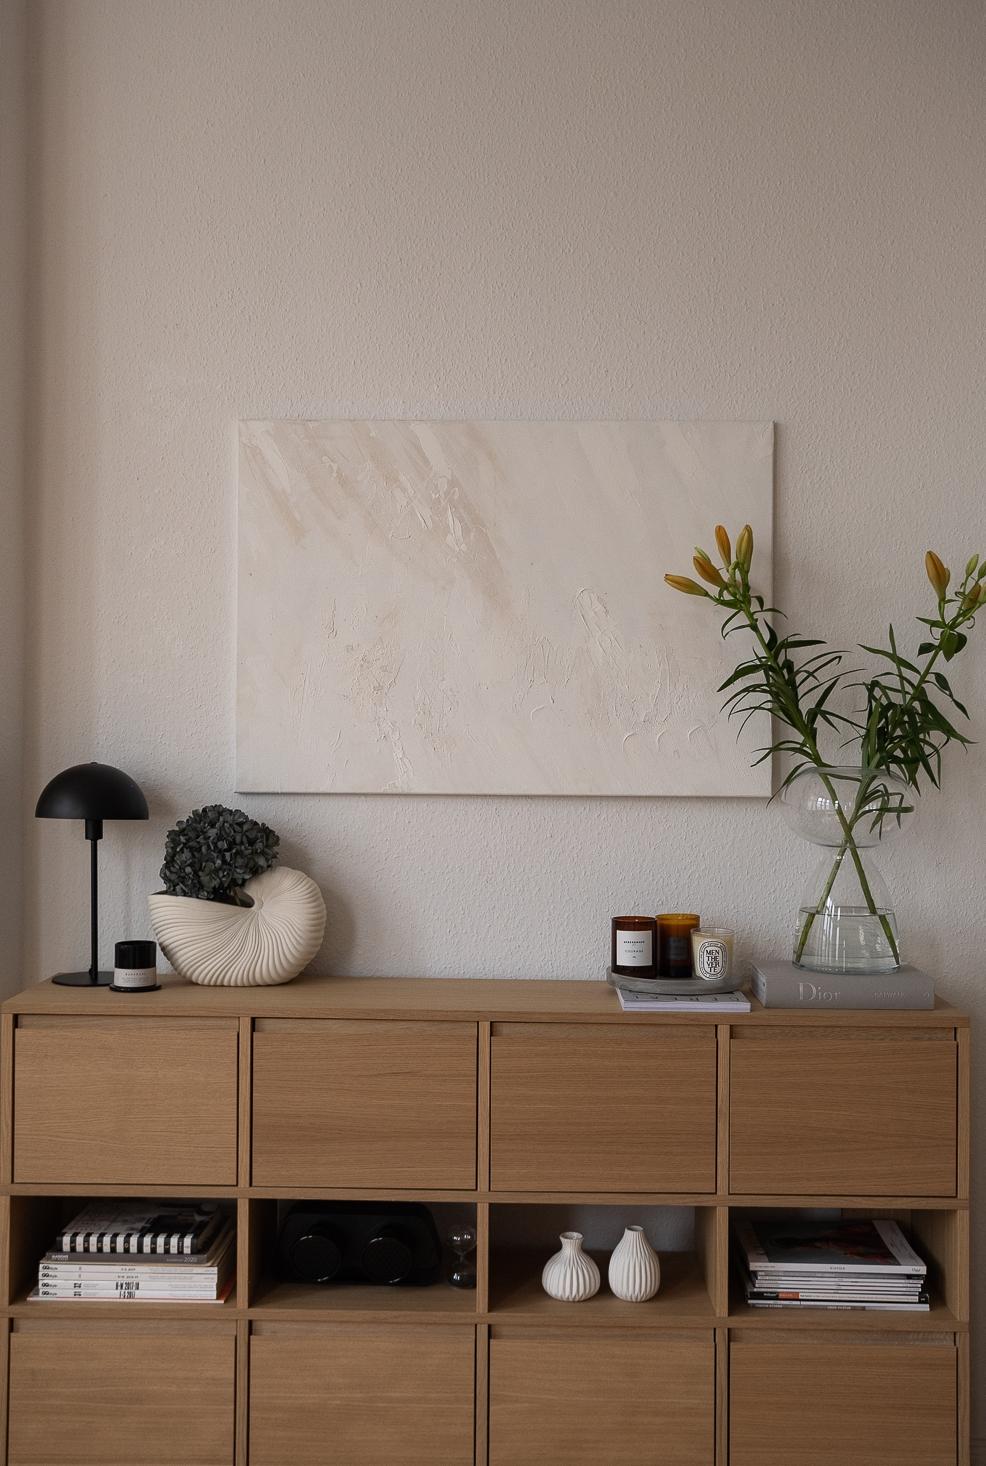 japandi-wontrend-wohnstil-aline-kaplan-interiorblog-einrichtungsstil